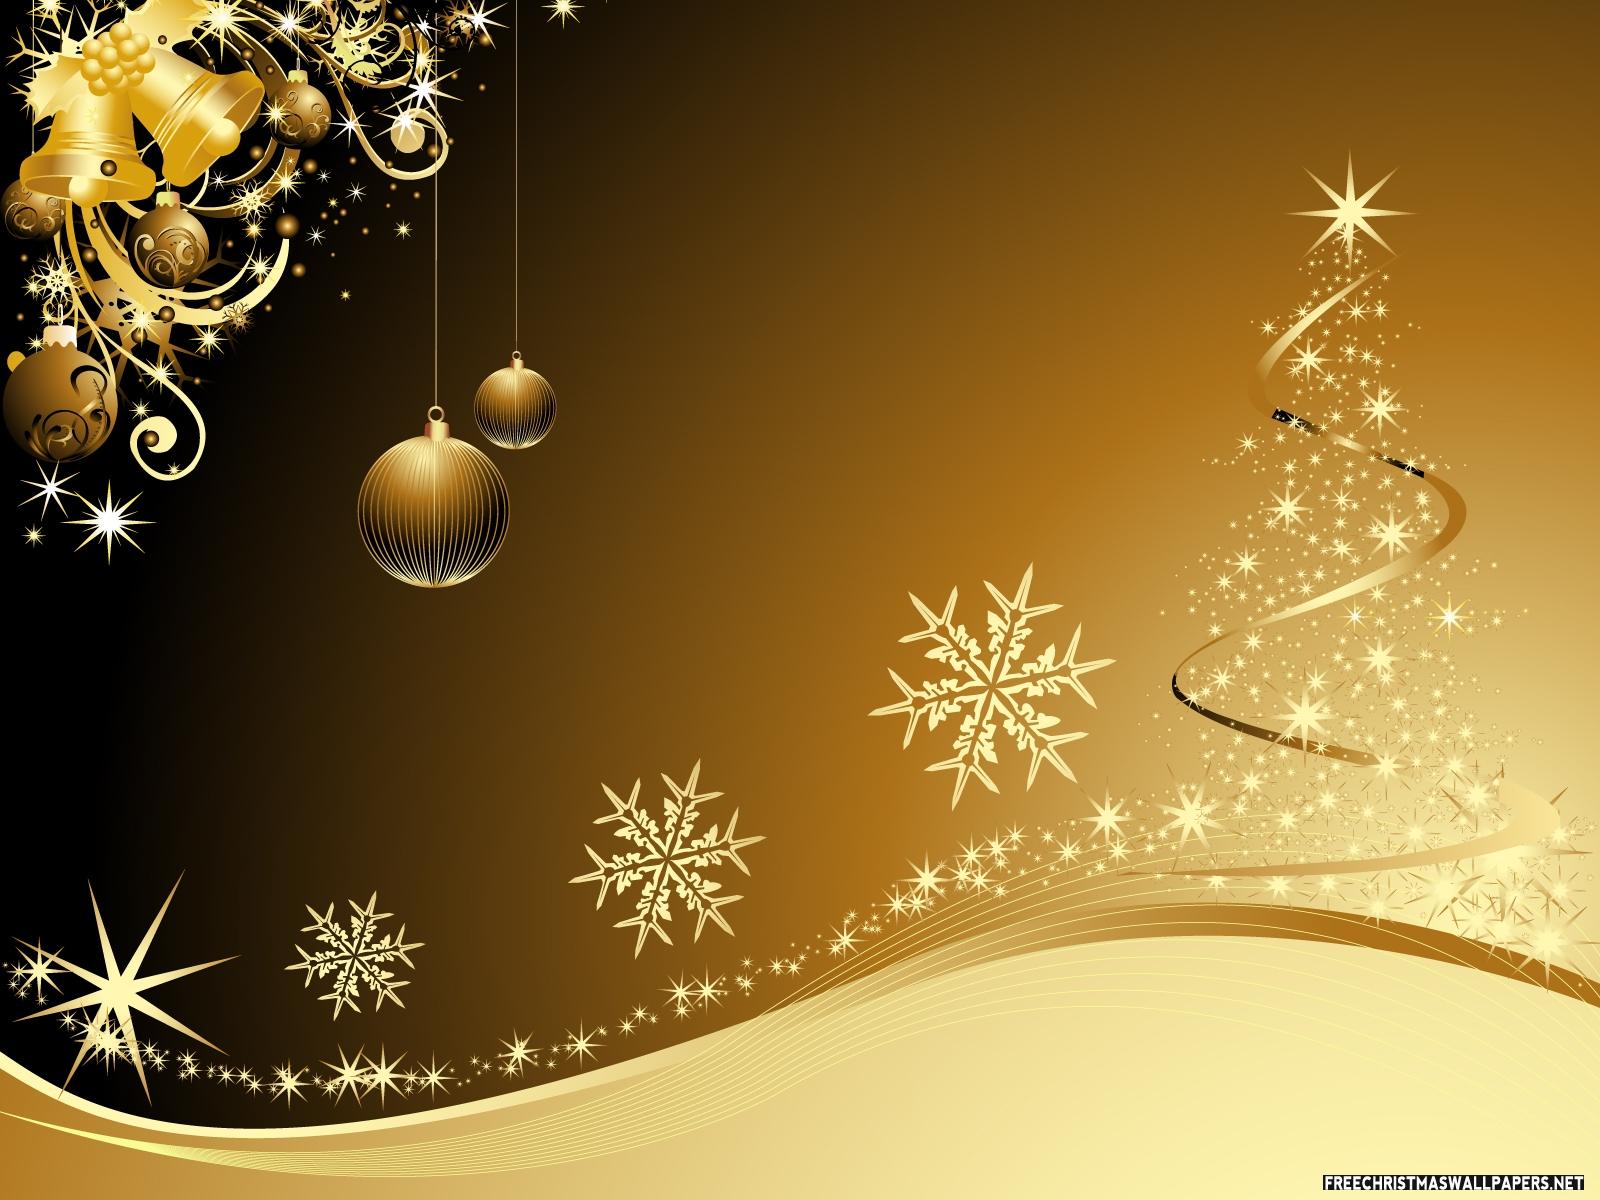 http://1.bp.blogspot.com/-PVj6GM0X6gA/Tuiv0FSBENI/AAAAAAAAARw/X2lH7byU9I4/s1600/Golden-Christmas.jpeg